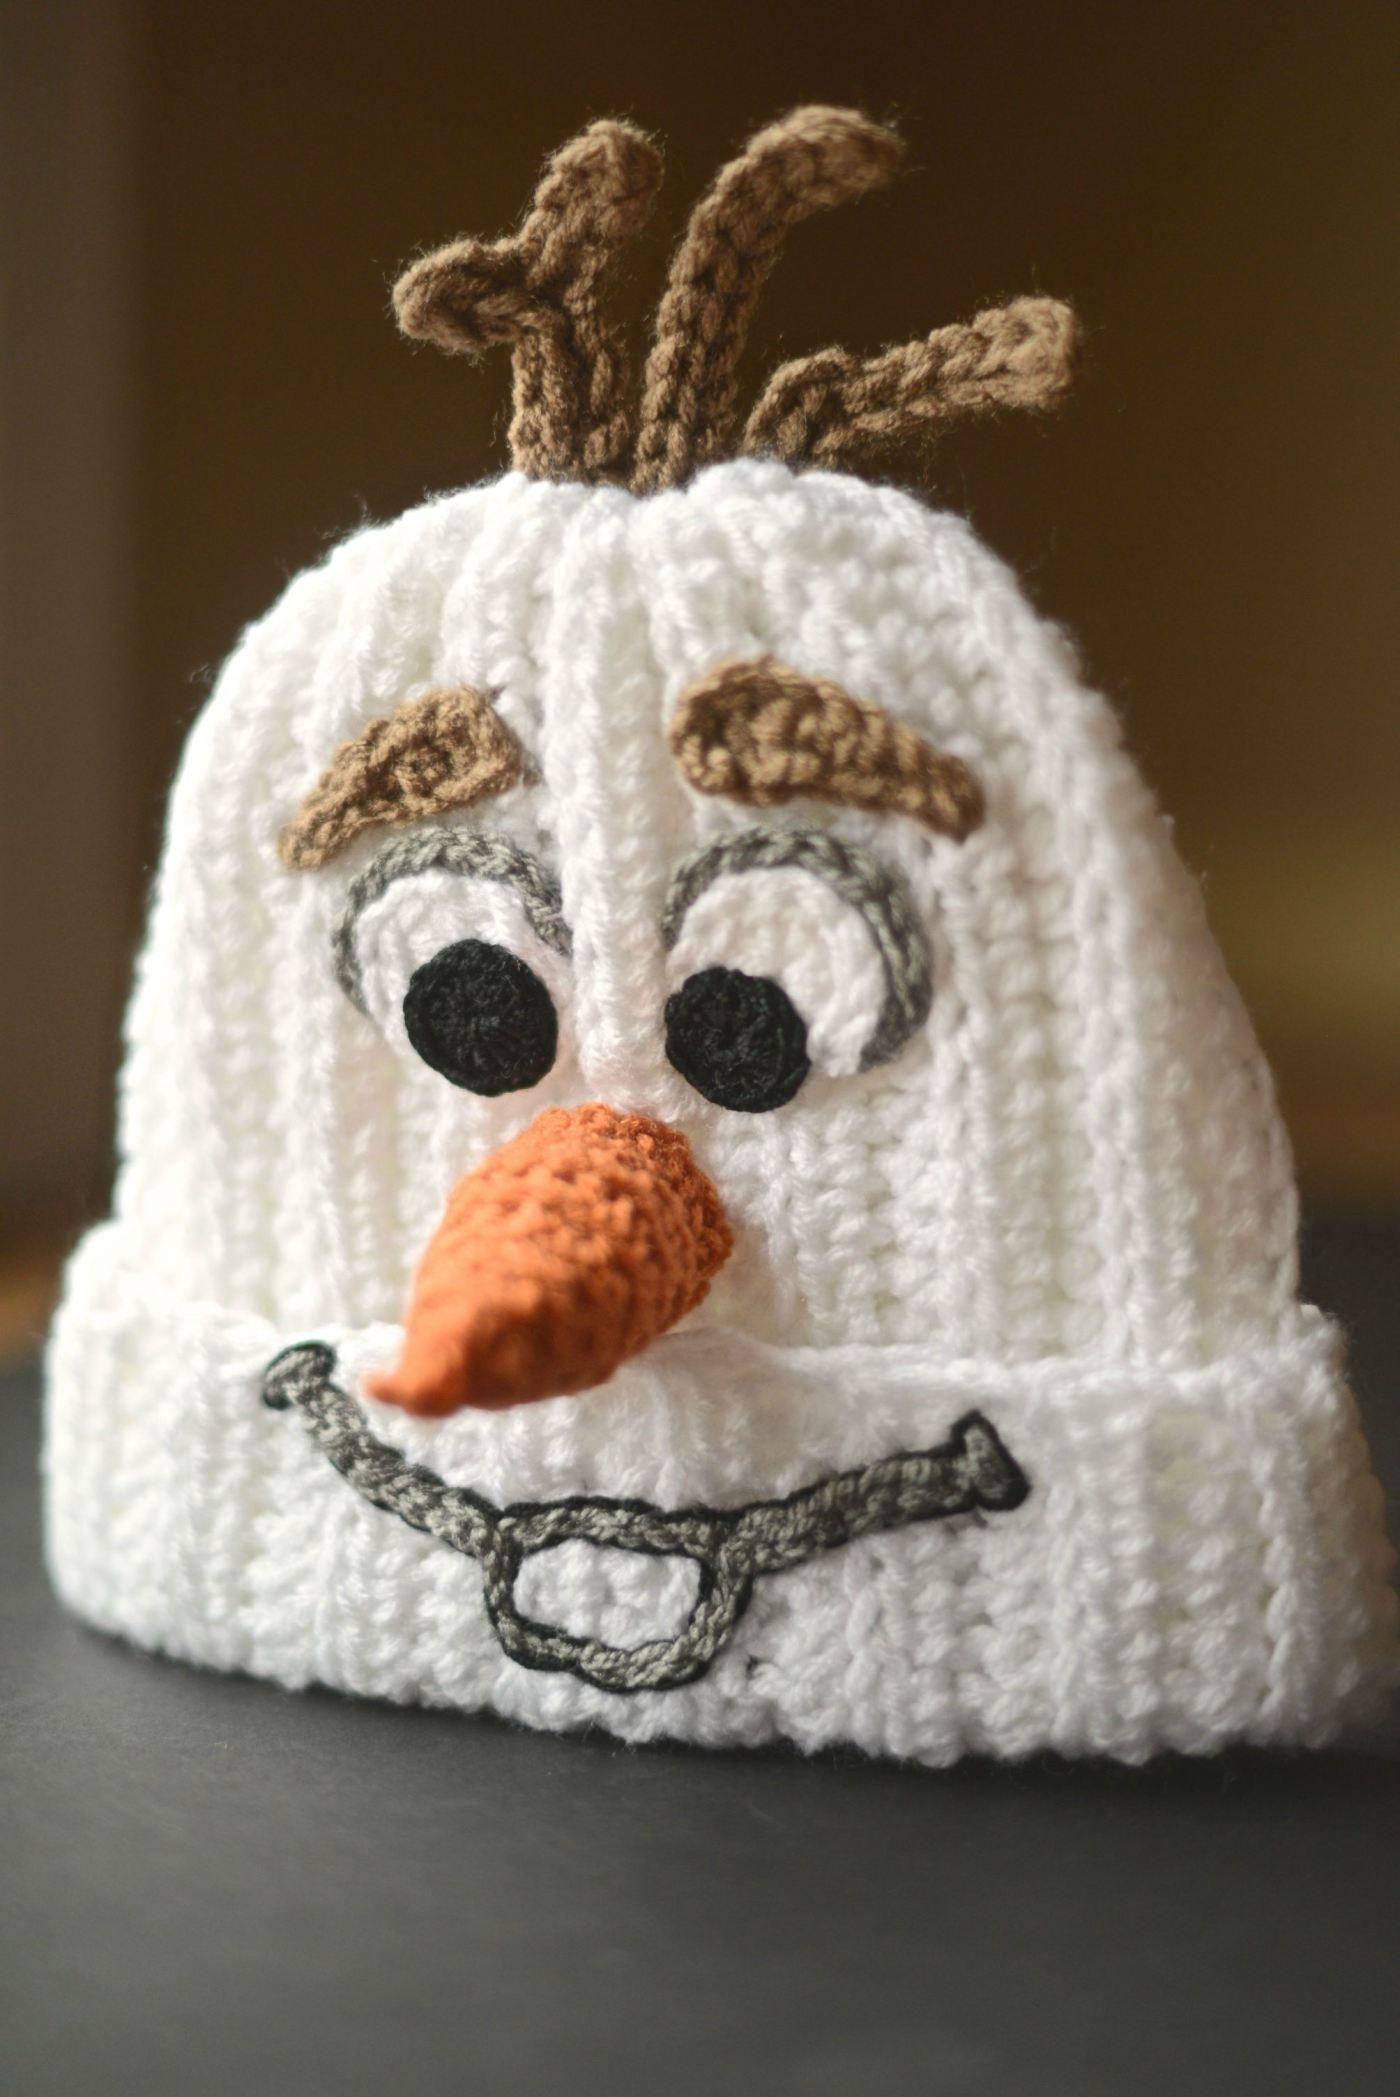 Homemade Crocheted Olaf Hat | Mütze, Mütze häkeln und Gehäkelte mützen